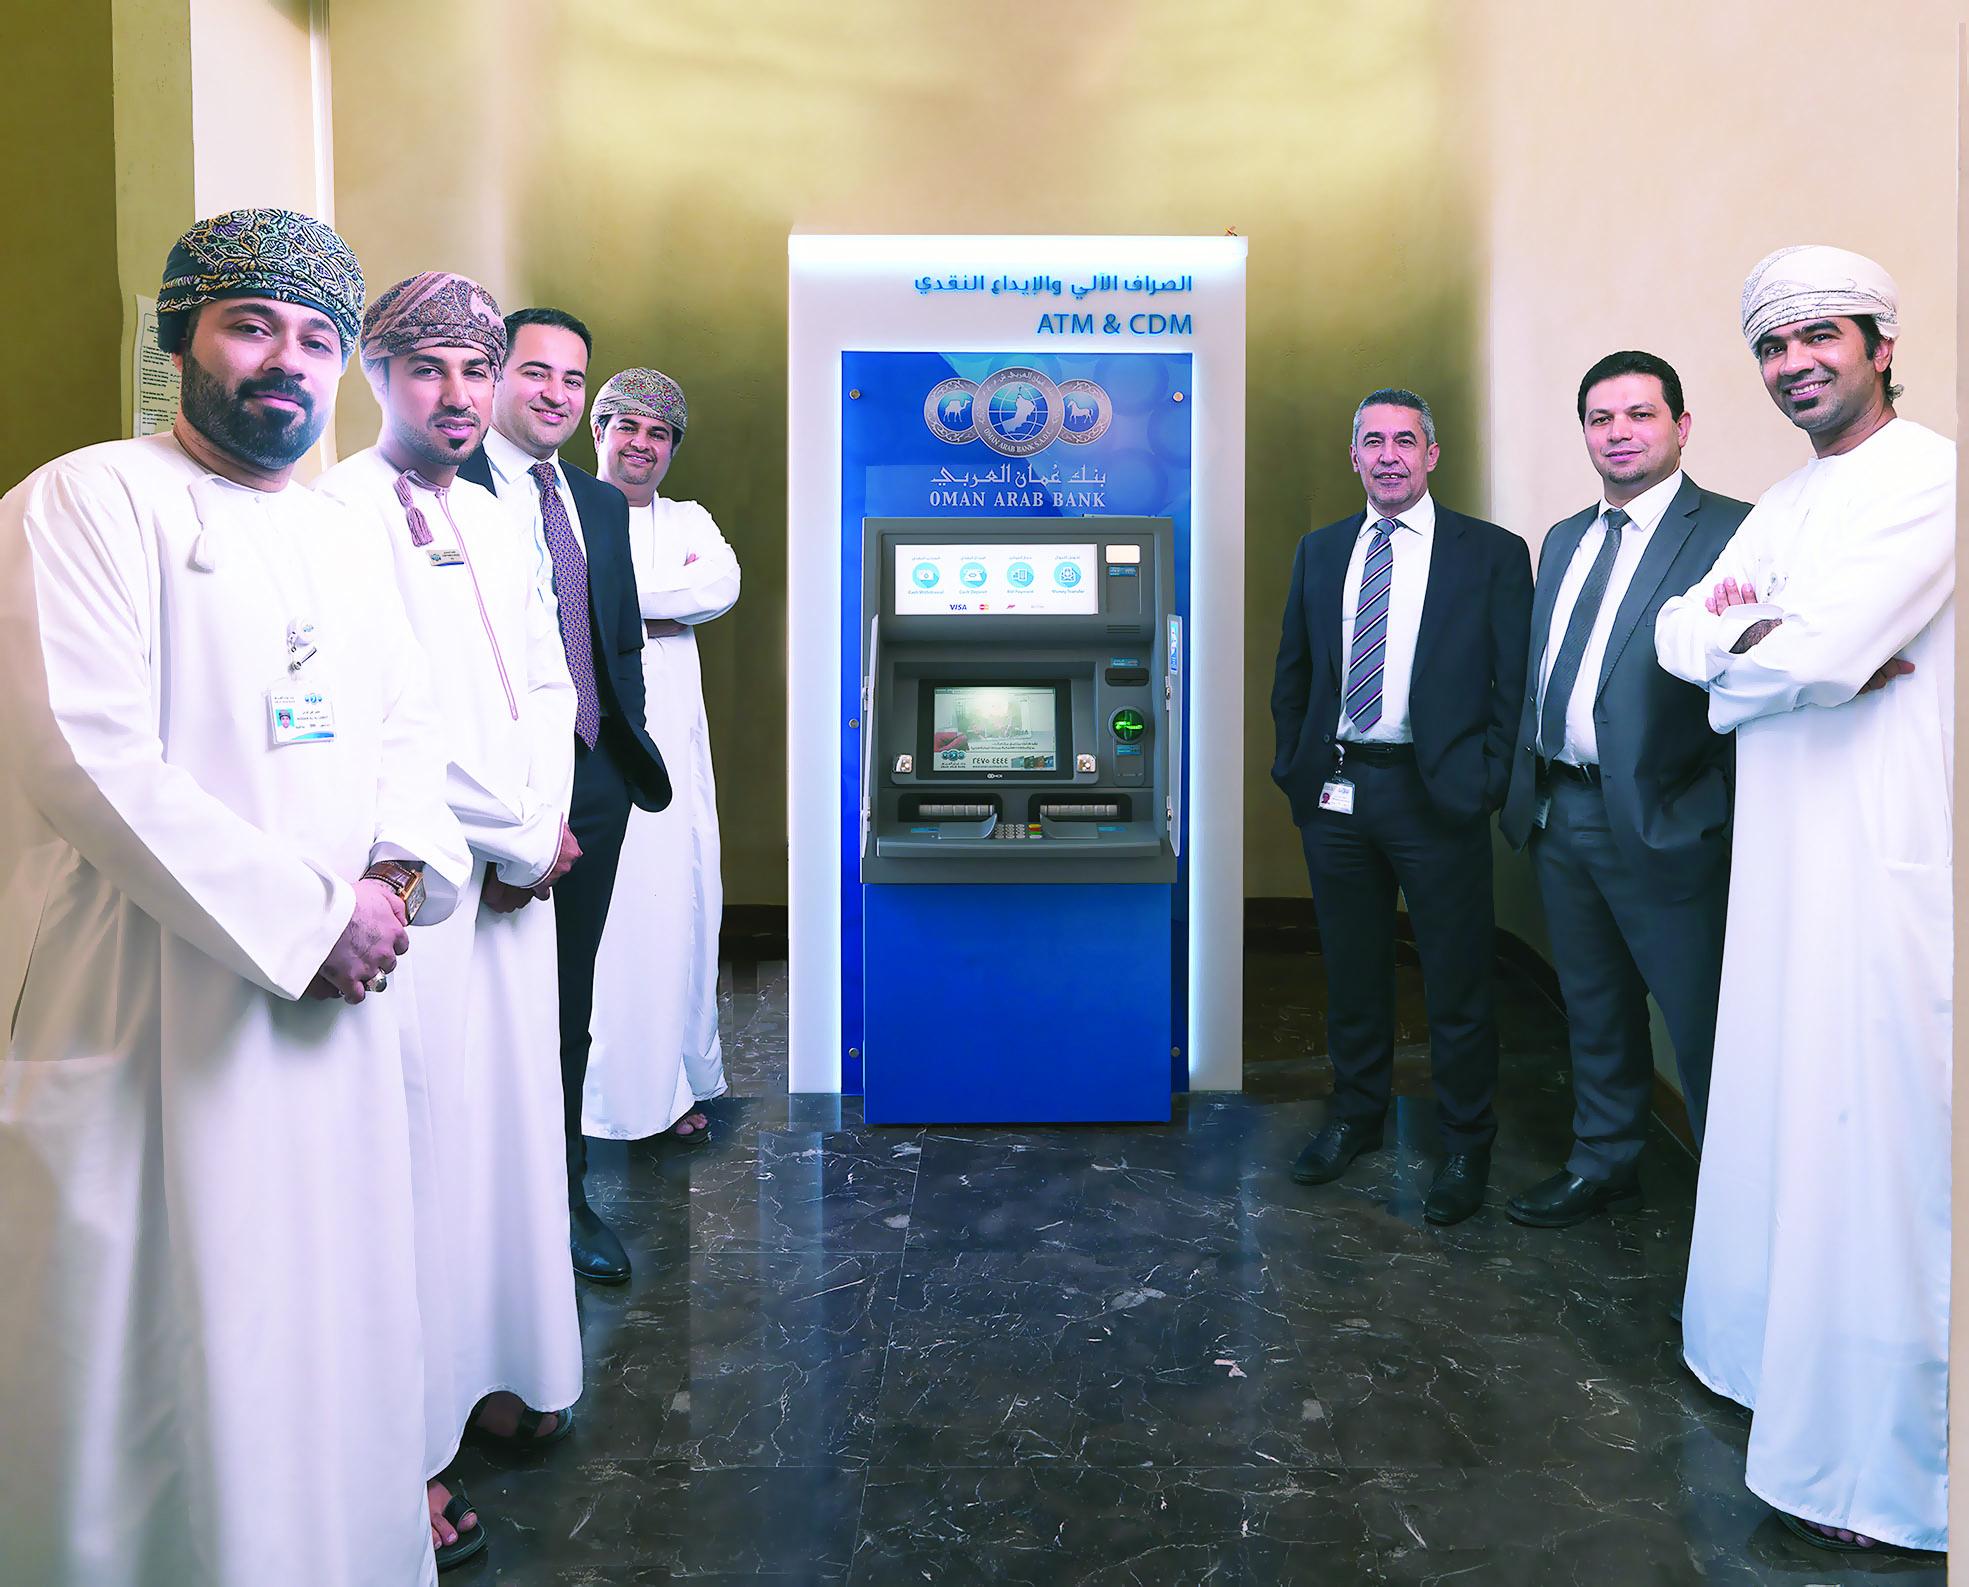 بنك عُمان العربيّ يقدم الجيل الجديد لأجهزة الصرّاف الآلي